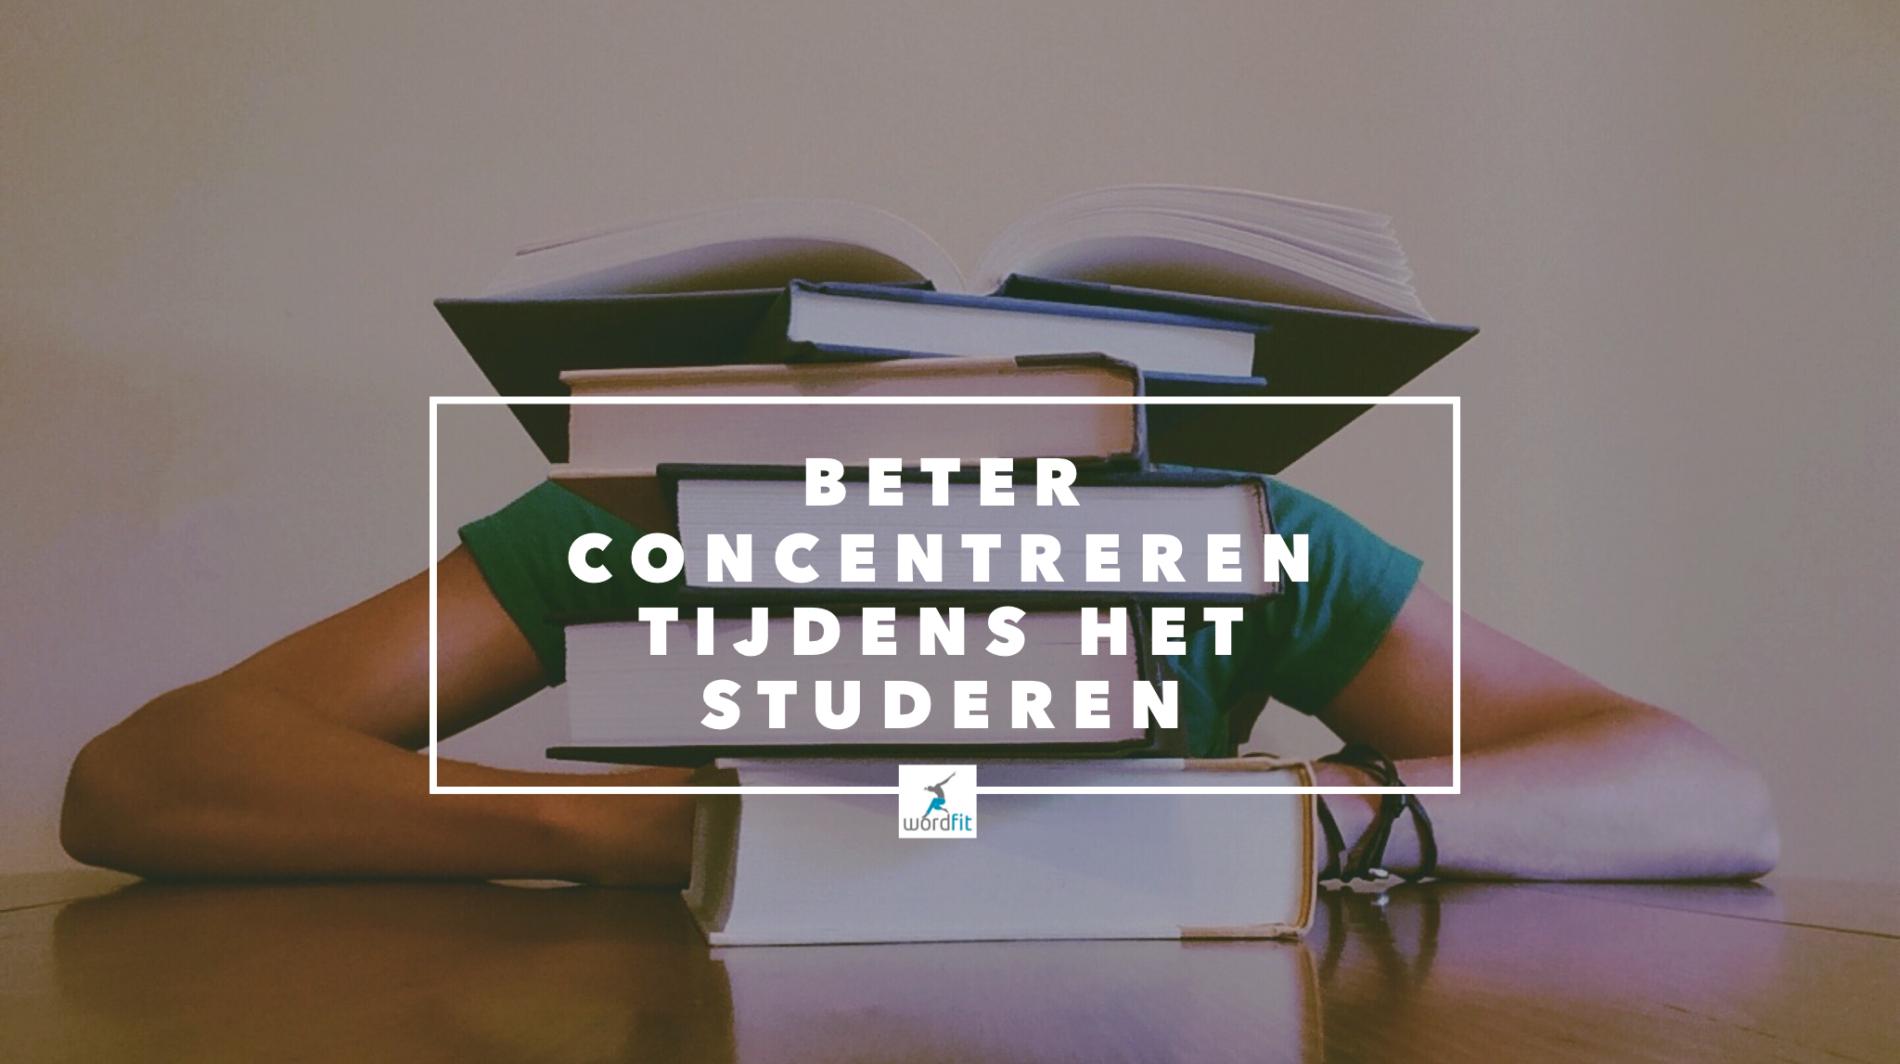 Beter concentreren tijdens het studeren WordFit.be